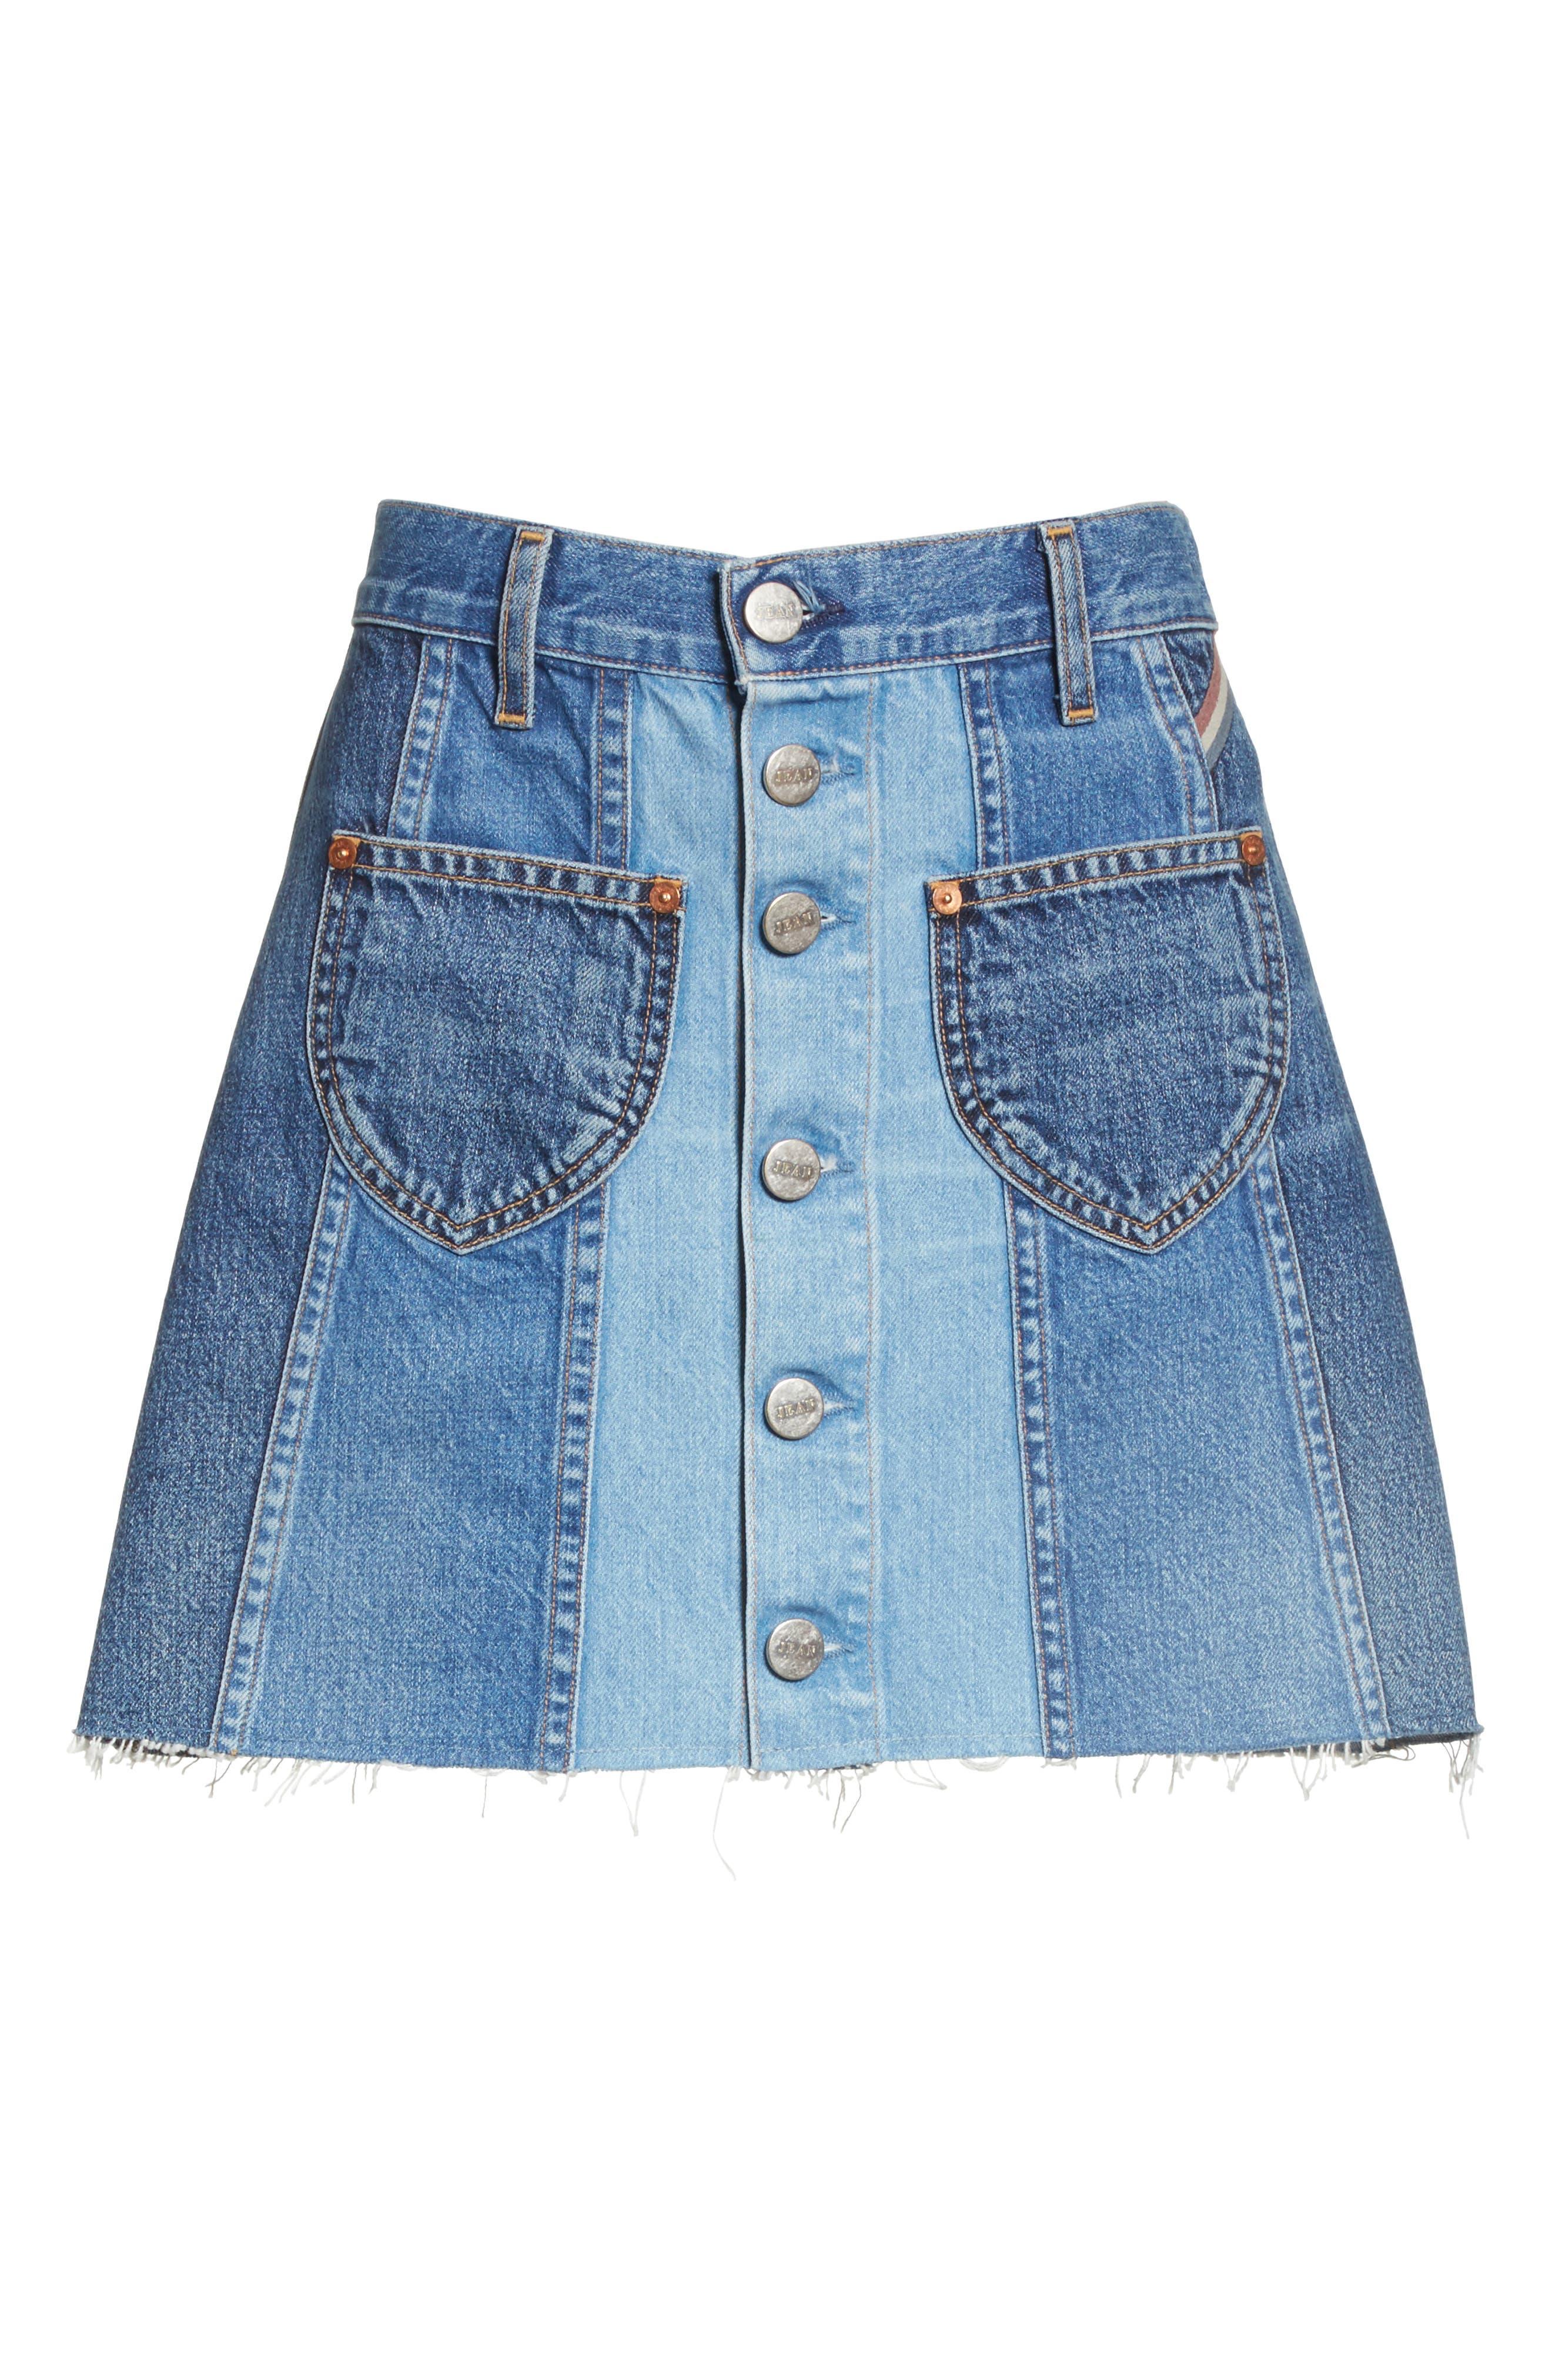 Eloise High Rise Denim Miniskirt,                             Alternate thumbnail 8, color,                             Jagger